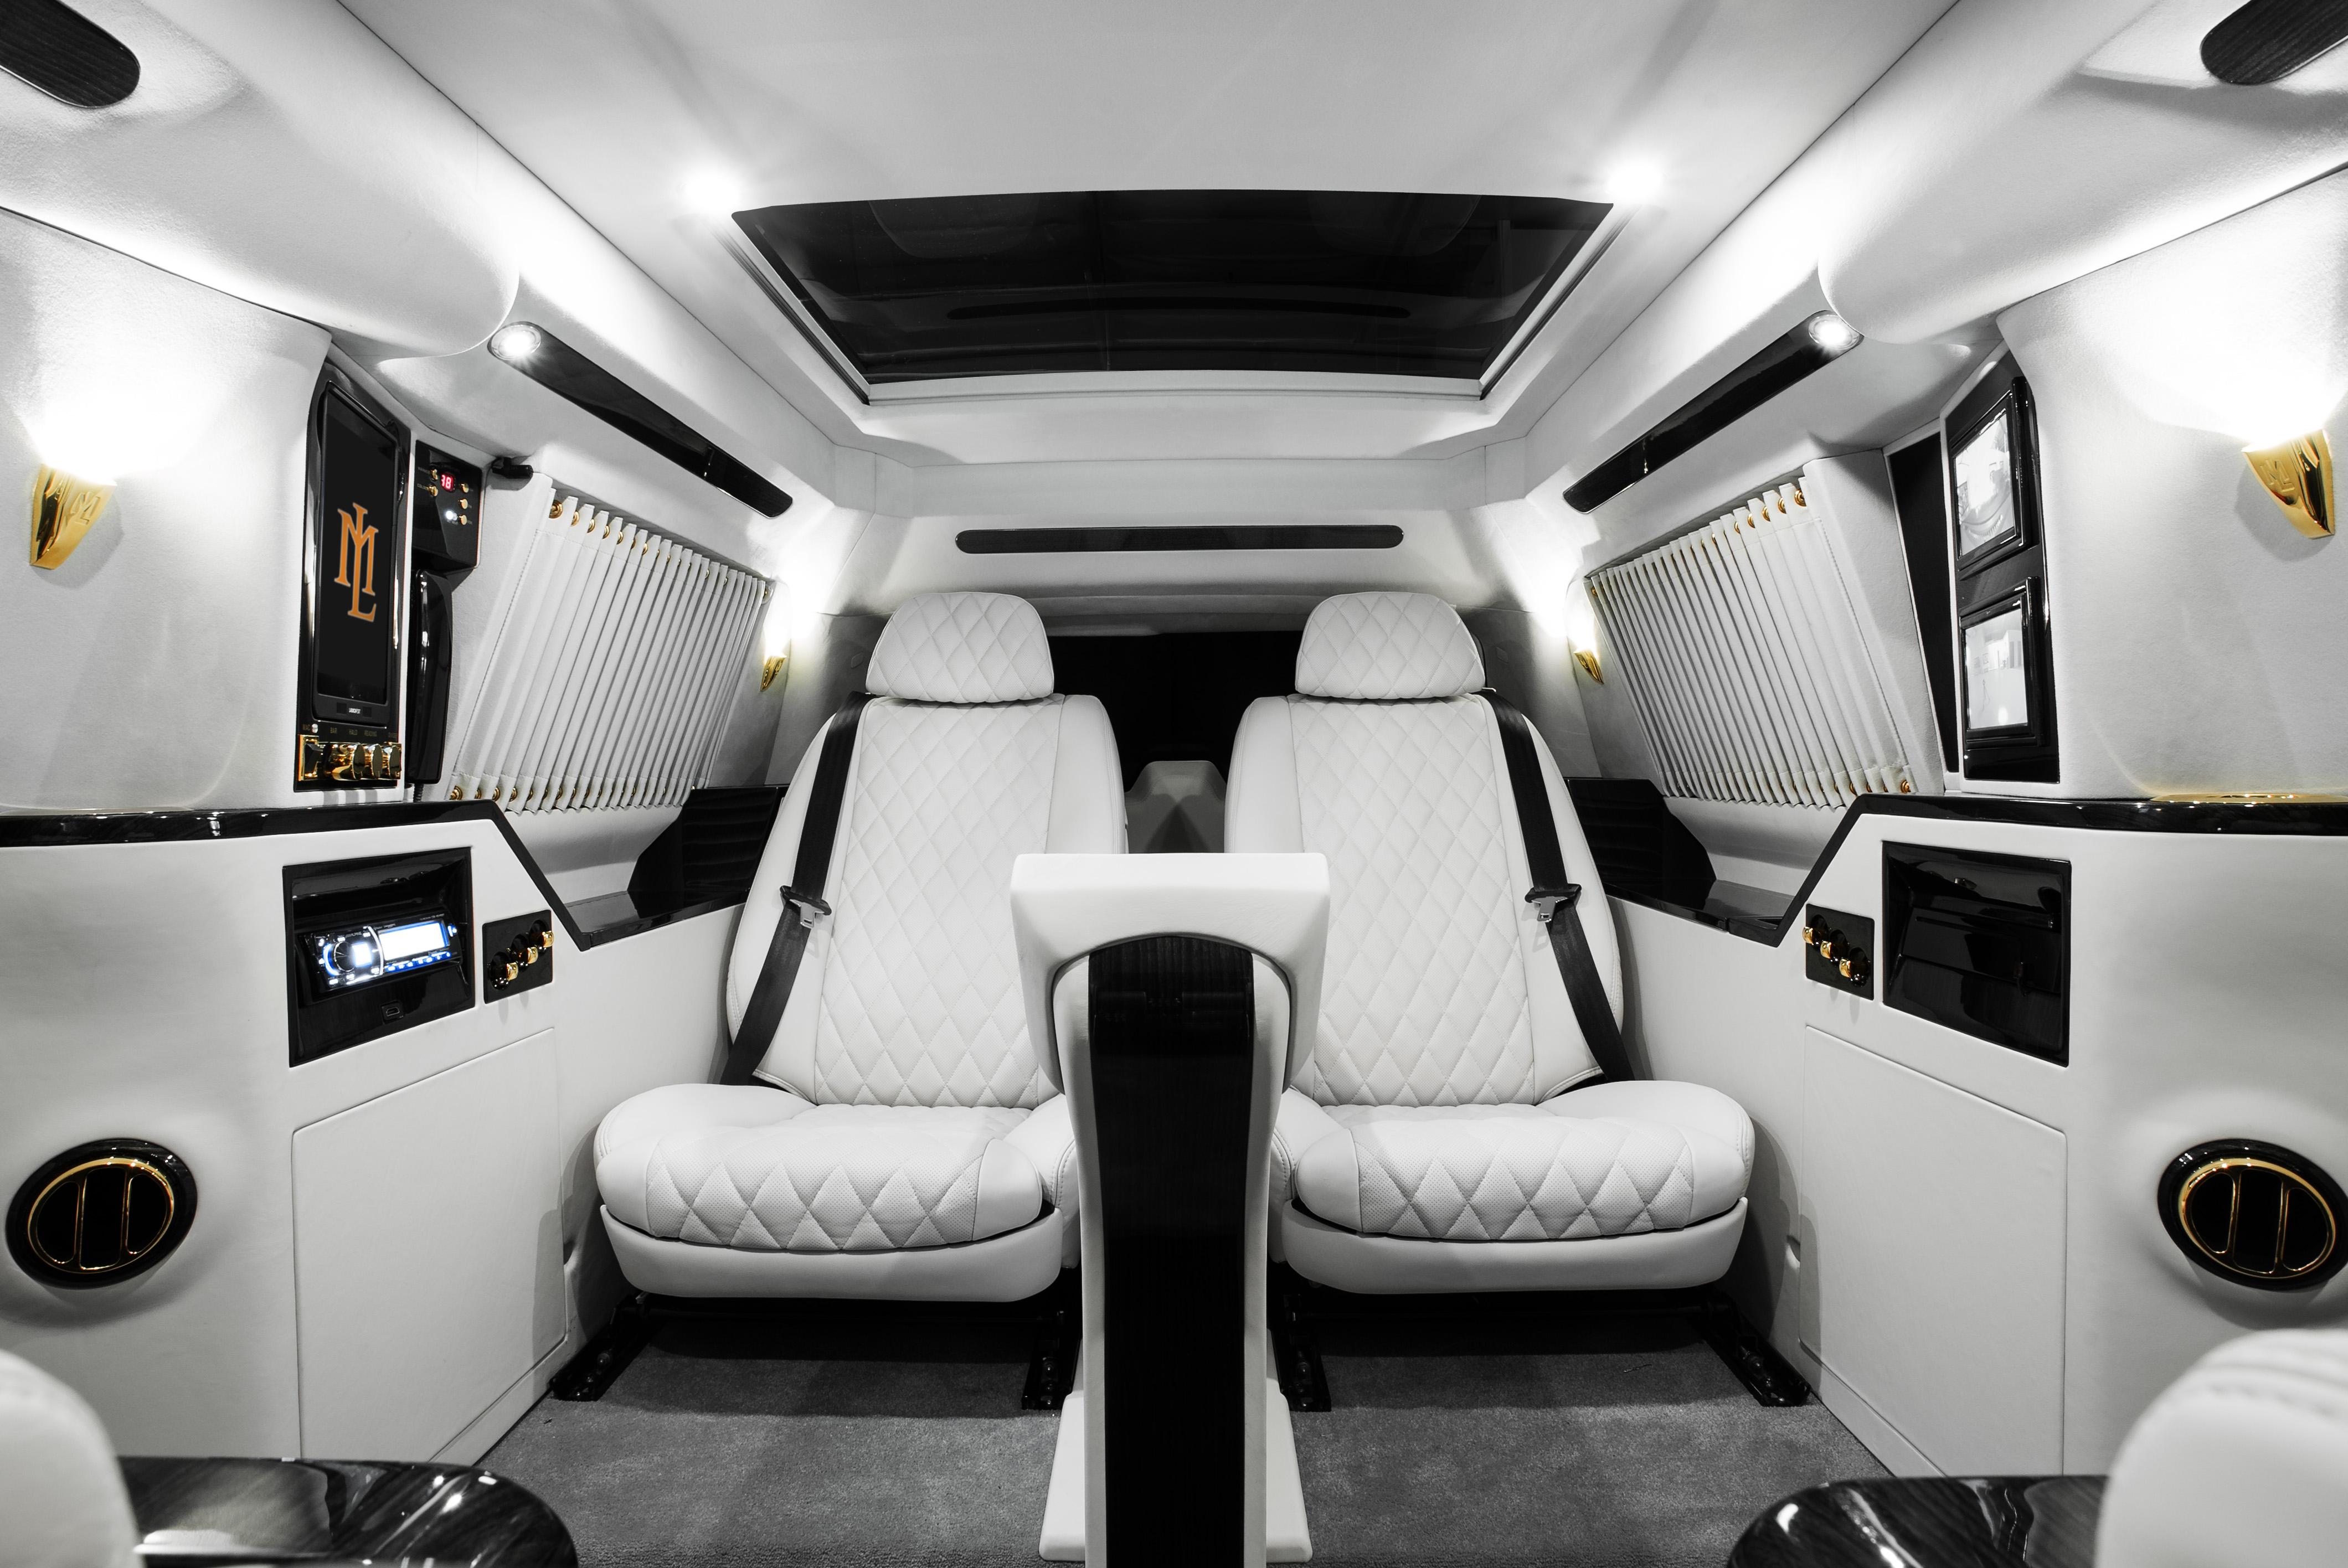 2016 Cadillac Escalade Sky Captain Piano Edition By Lexani